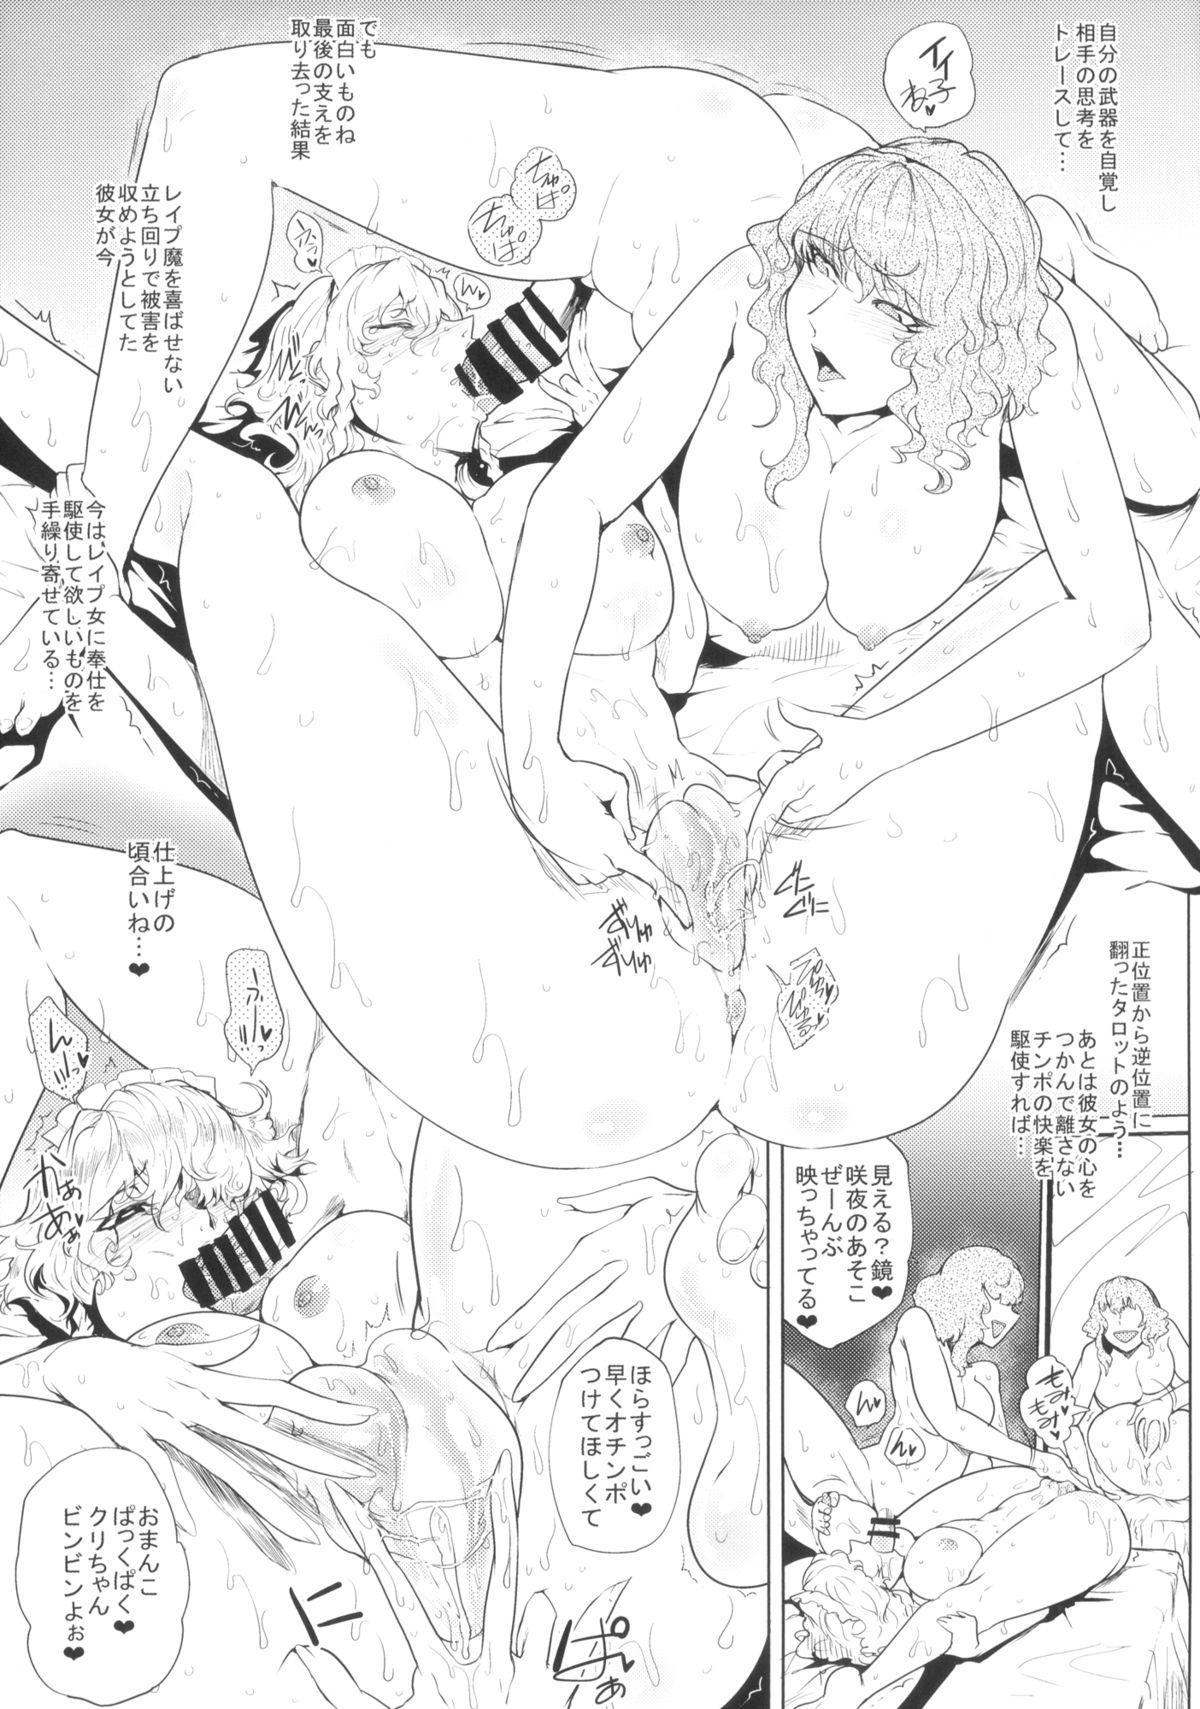 Tsurareta Onna - The Hanged Woman 10